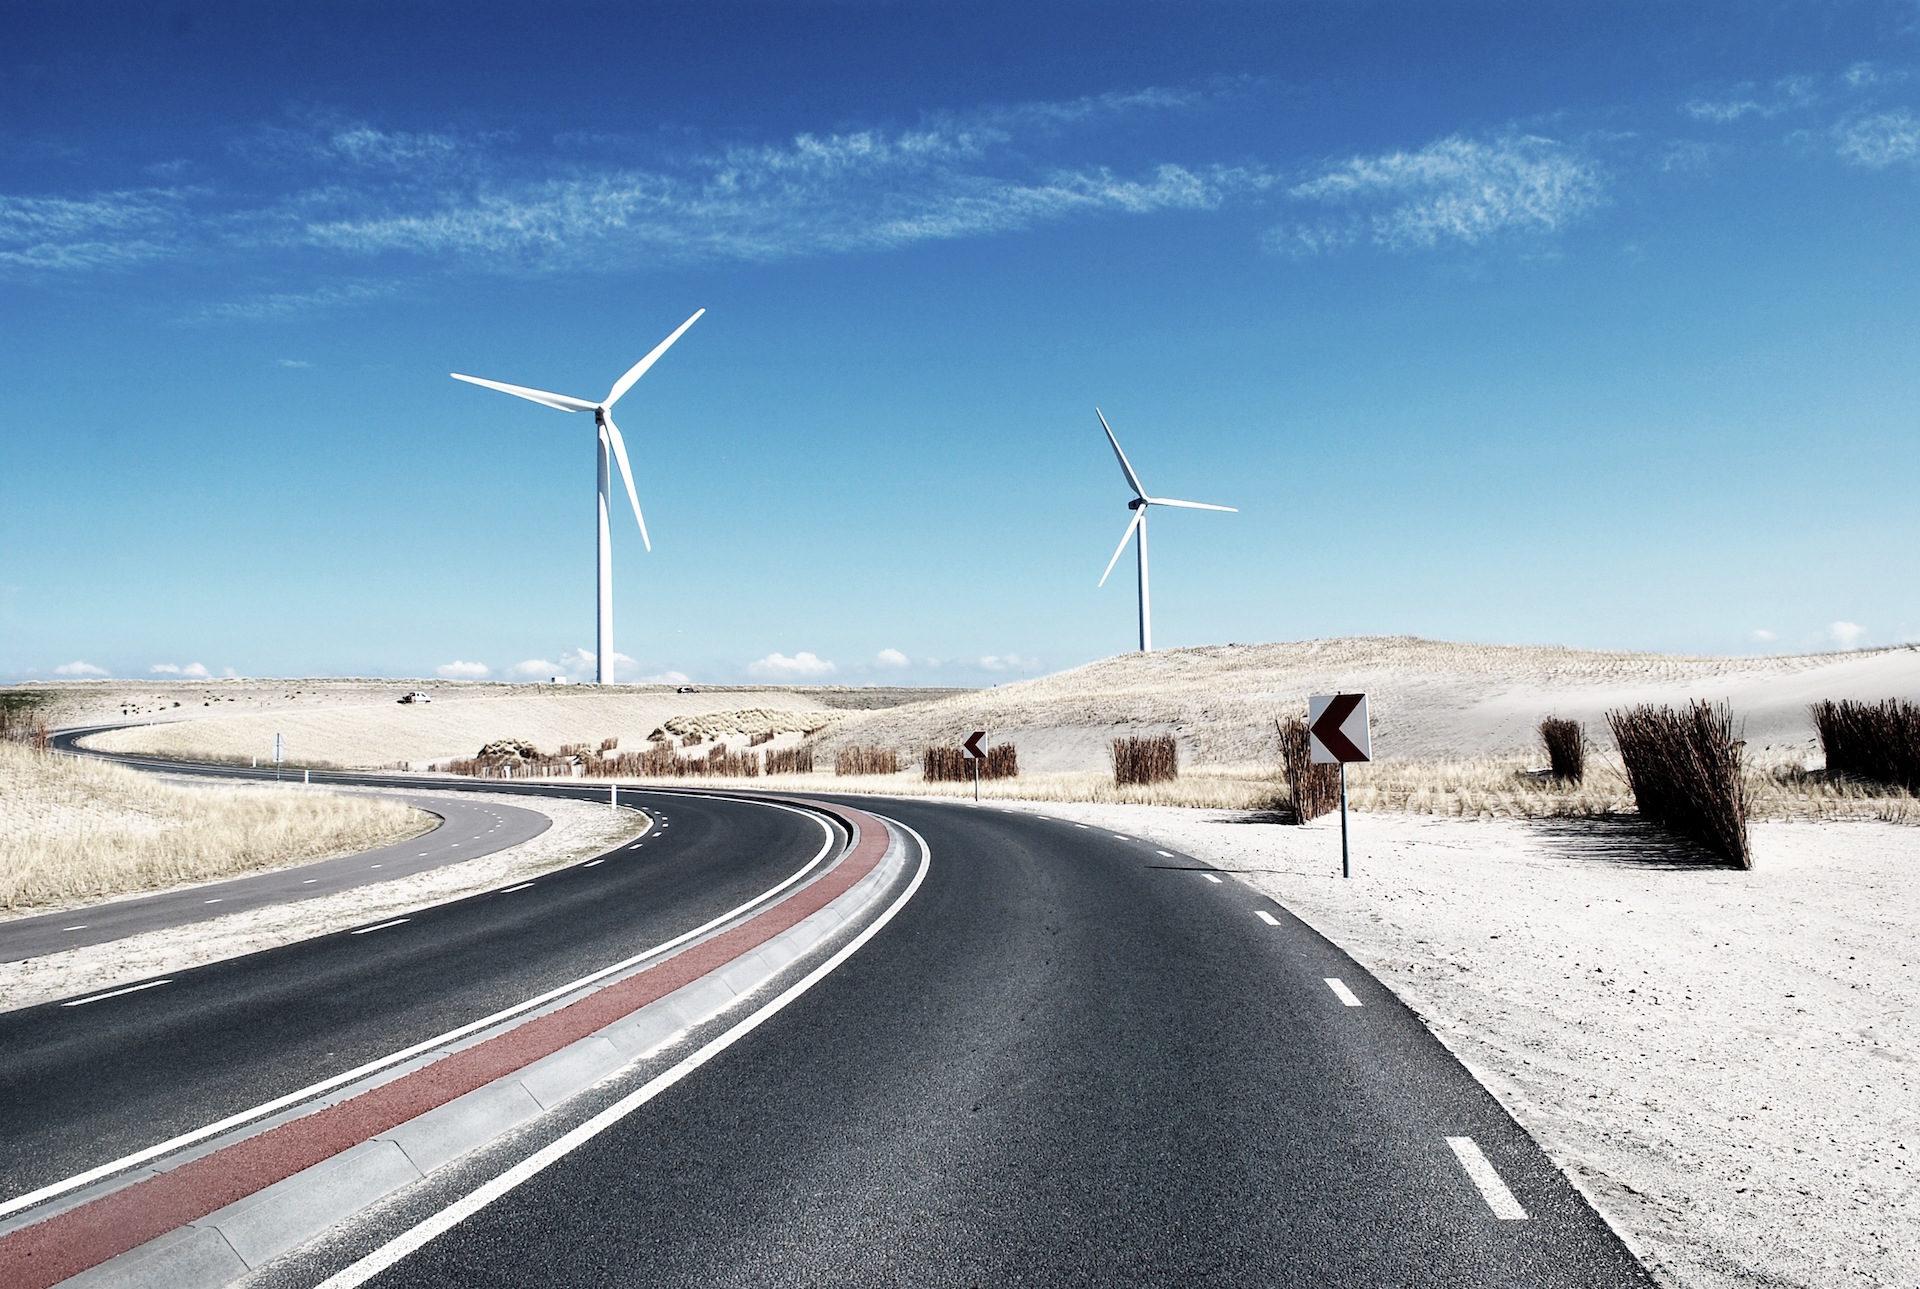 Δρόμου, Μύλοι, Άνεμος, αιολικό πάρκο, Ουρανός - Wallpapers HD - Professor-falken.com